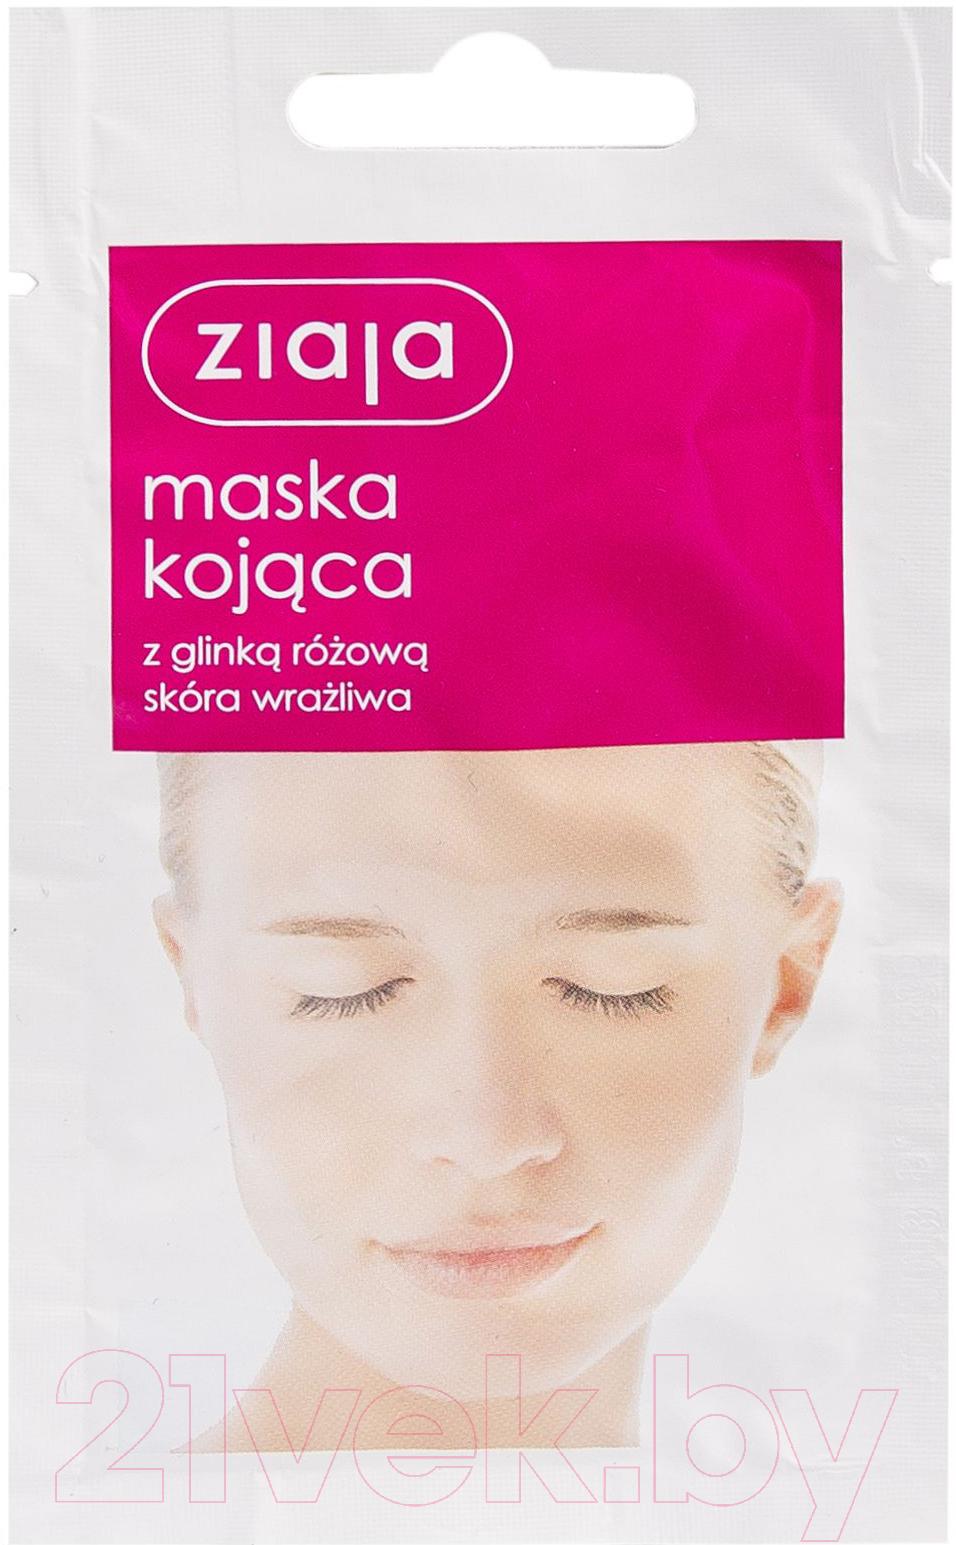 Купить Маска для лица кремовая Ziaja, Успокаивающая из розовой глины для раздраженной кожи (7мл), Польша